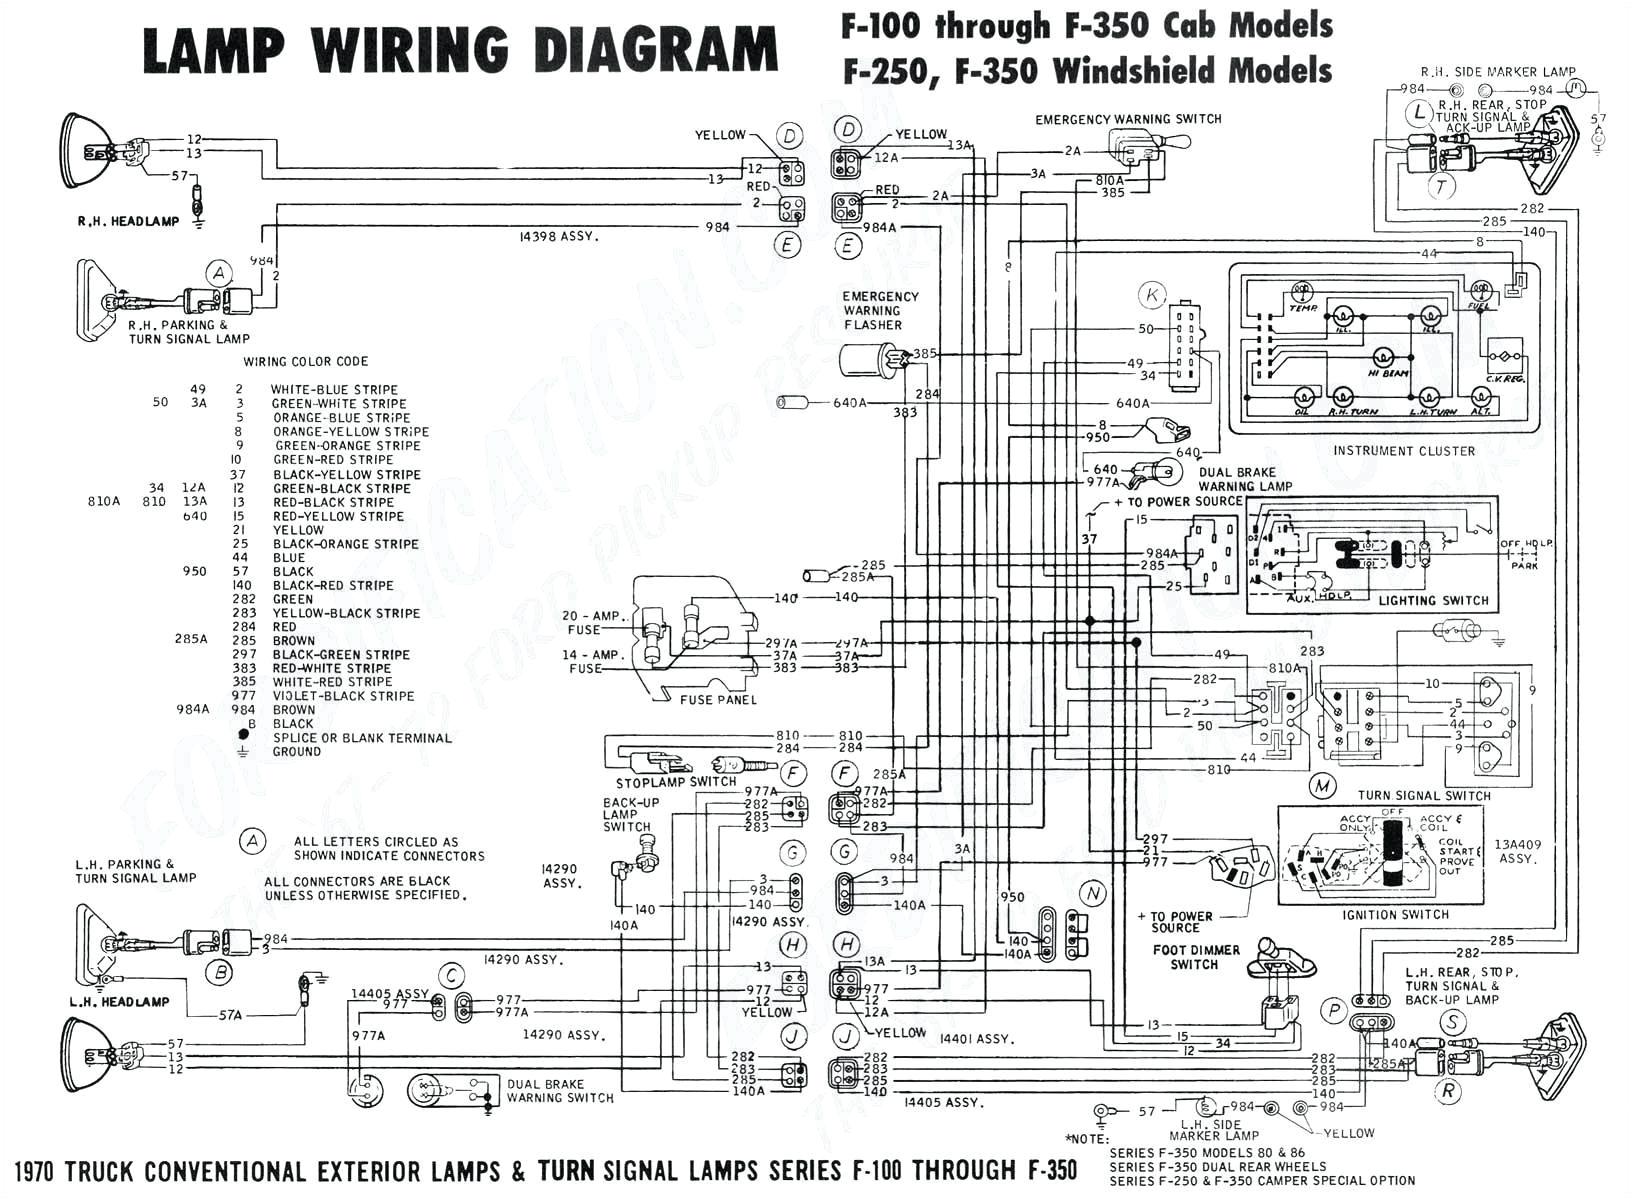 99 hyundai elantra wiring wiring diagram operations spark plug wire diagram ford f150 v6 1998 hyundai